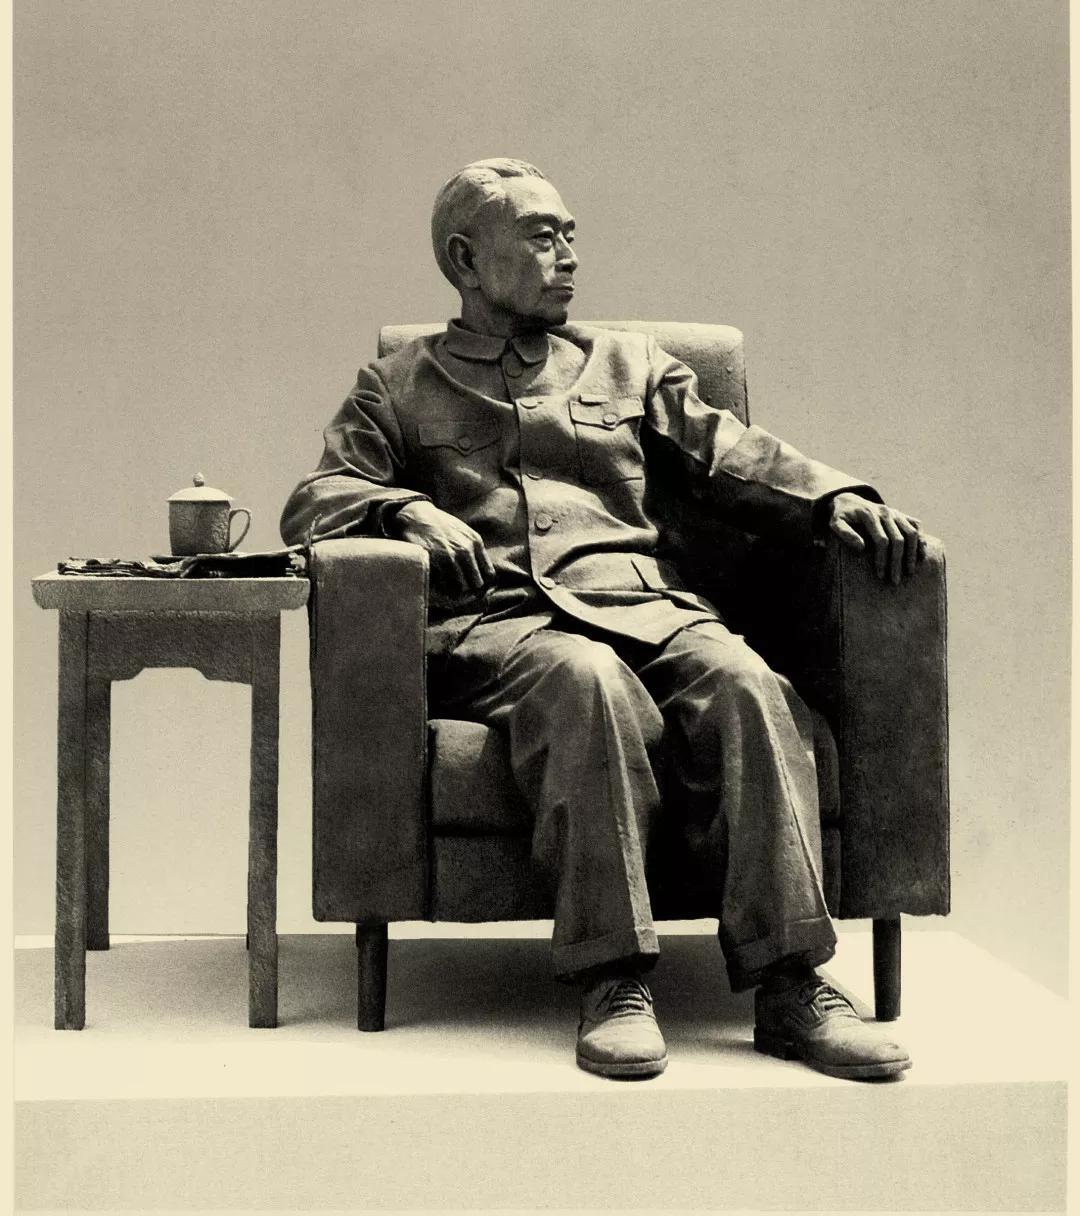 鞠躬盡瘁/班陵生/125 × 110 × 117 cm / 玻璃鋼 / 1999